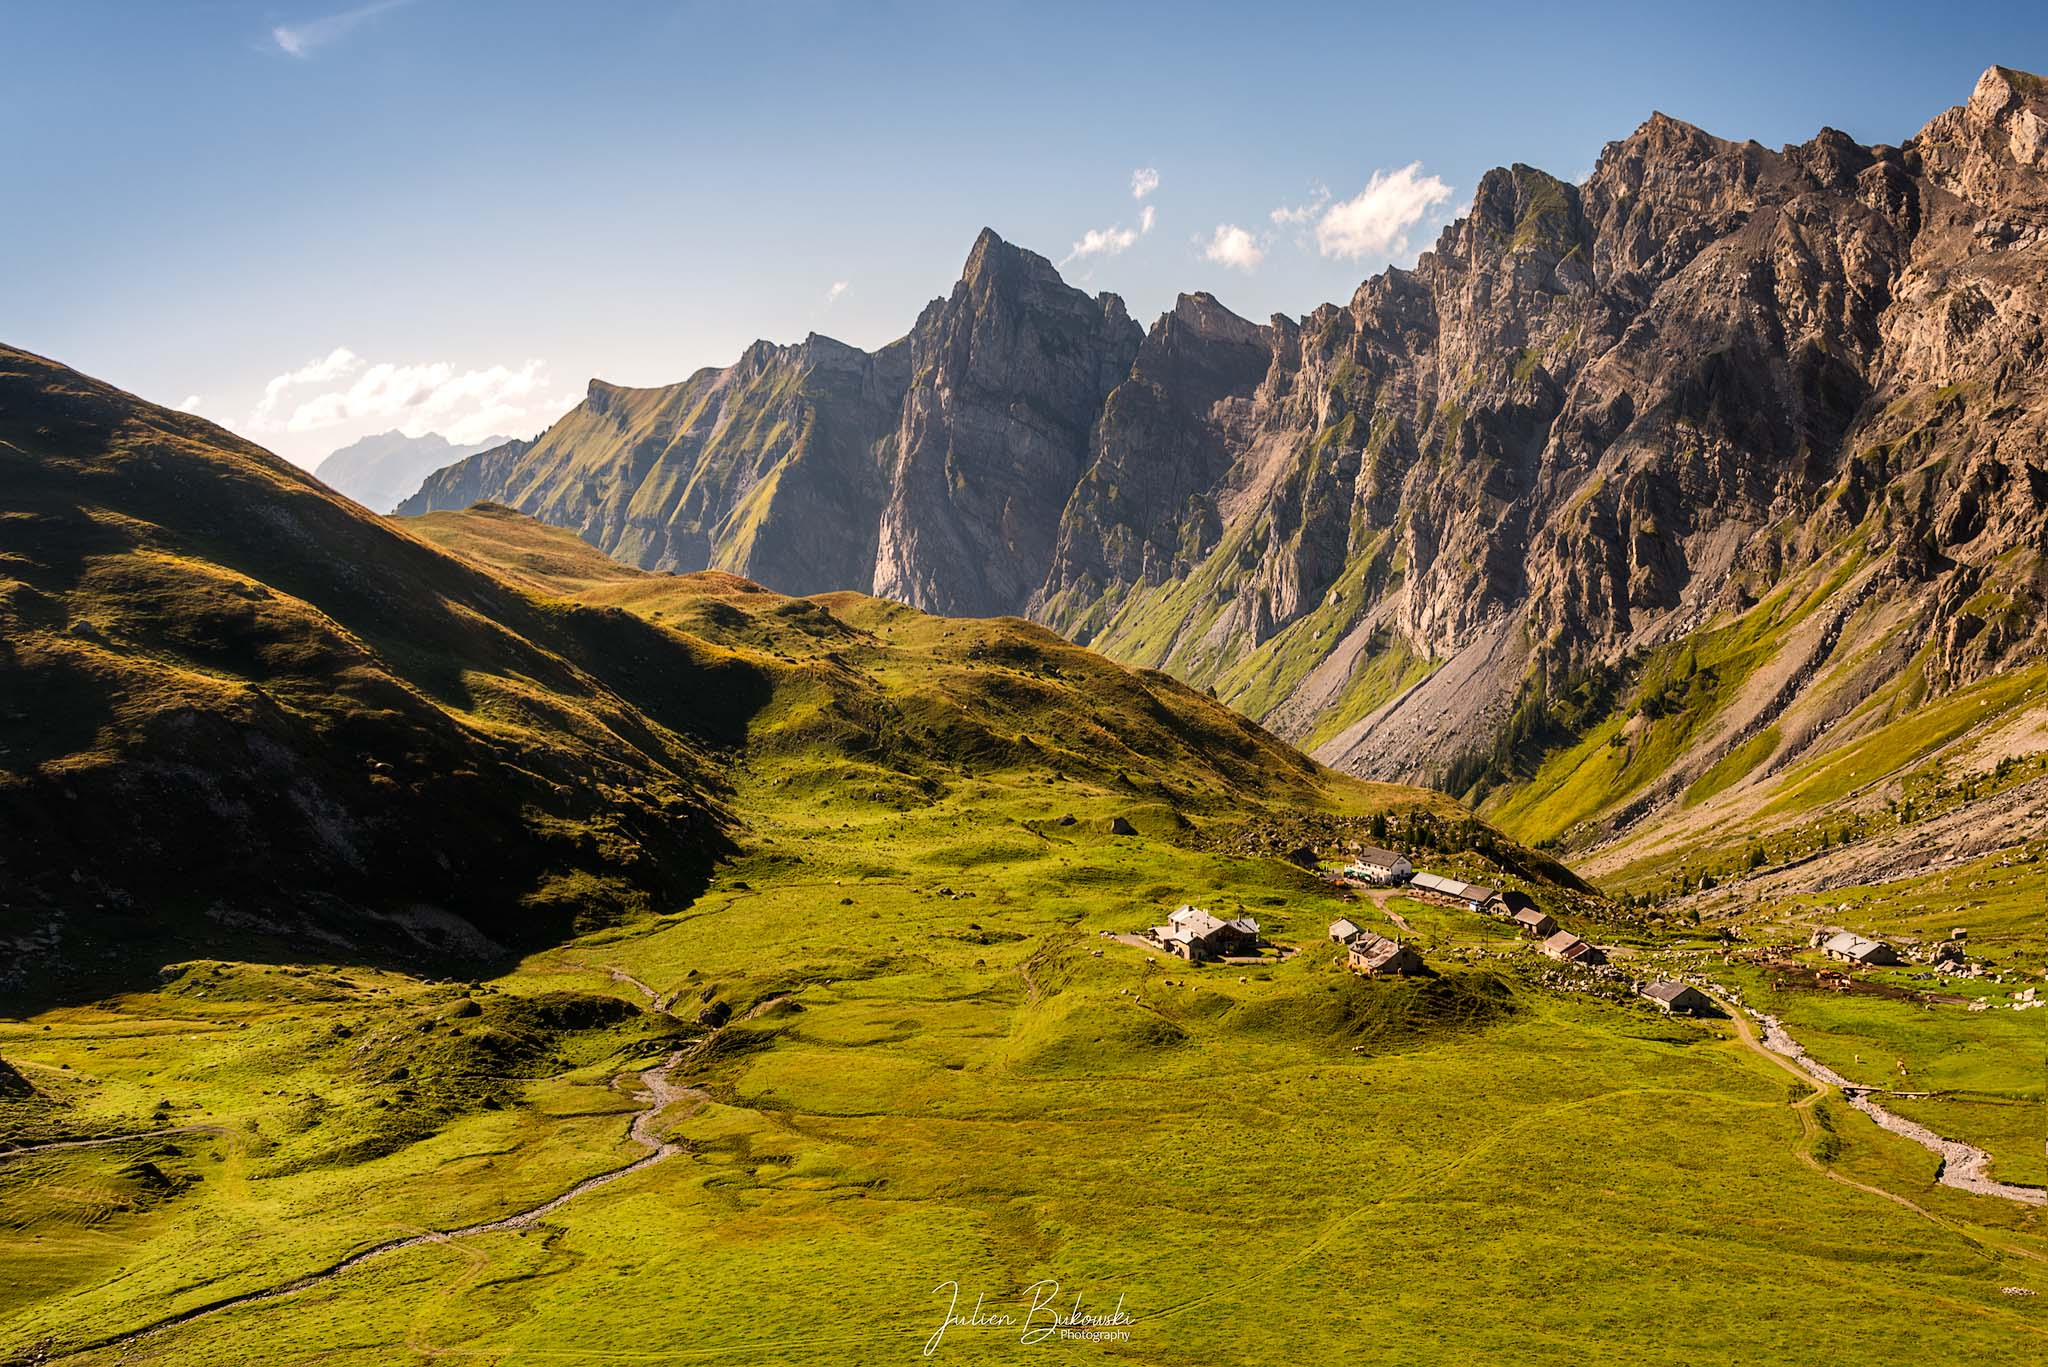 Anzeinde view (Suisse)